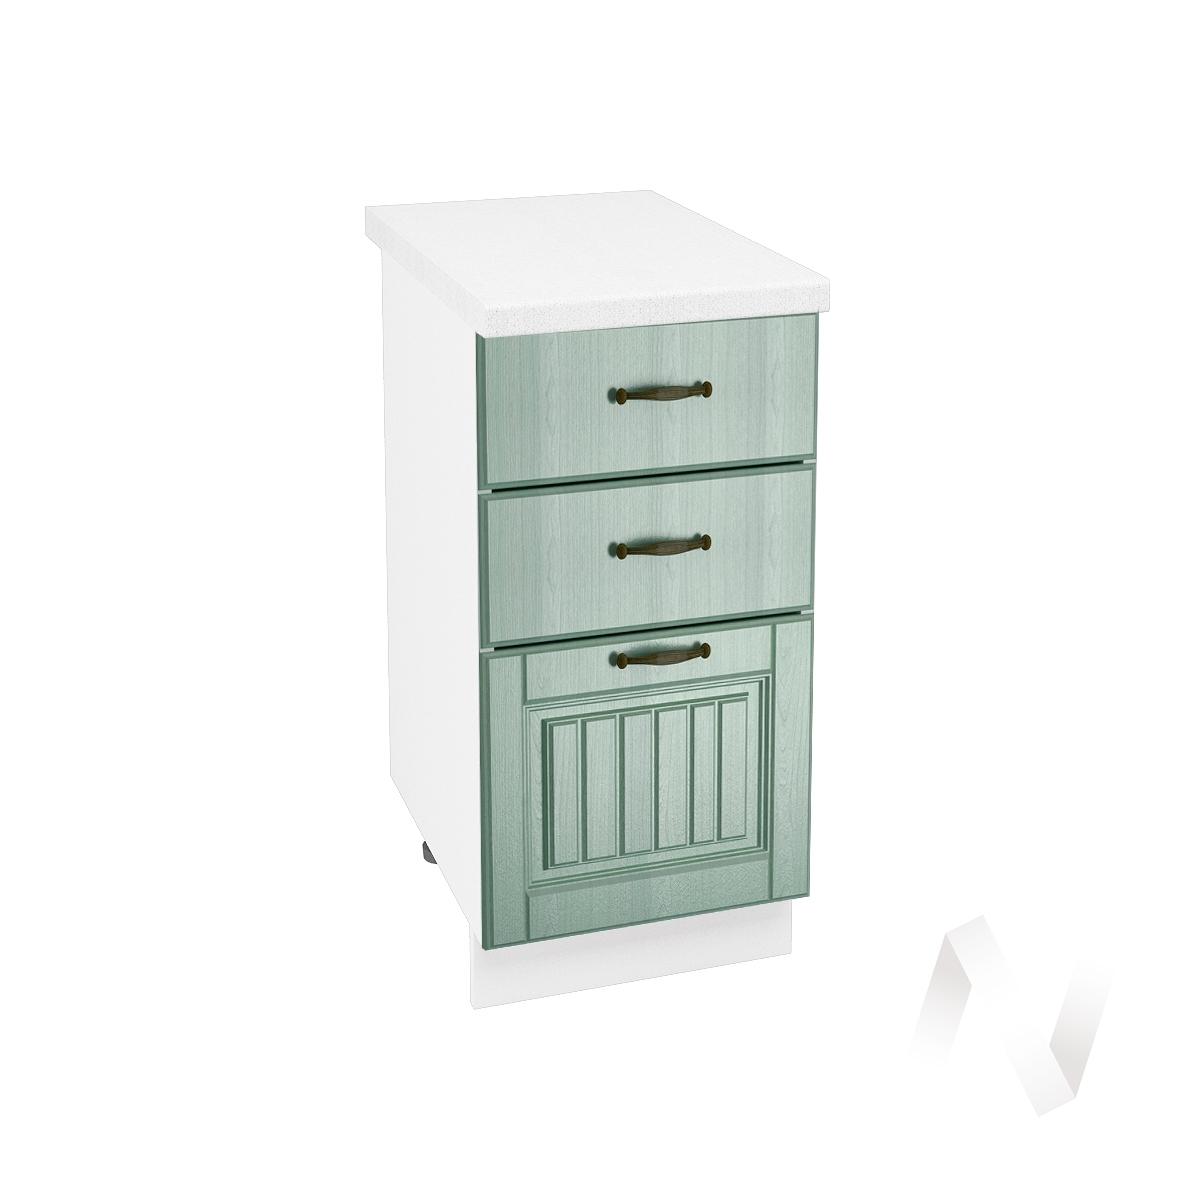 """Кухня """"Прованс"""": Шкаф нижний с 3-мя ящиками 400, ШН3Я 400 (корпус белый)"""